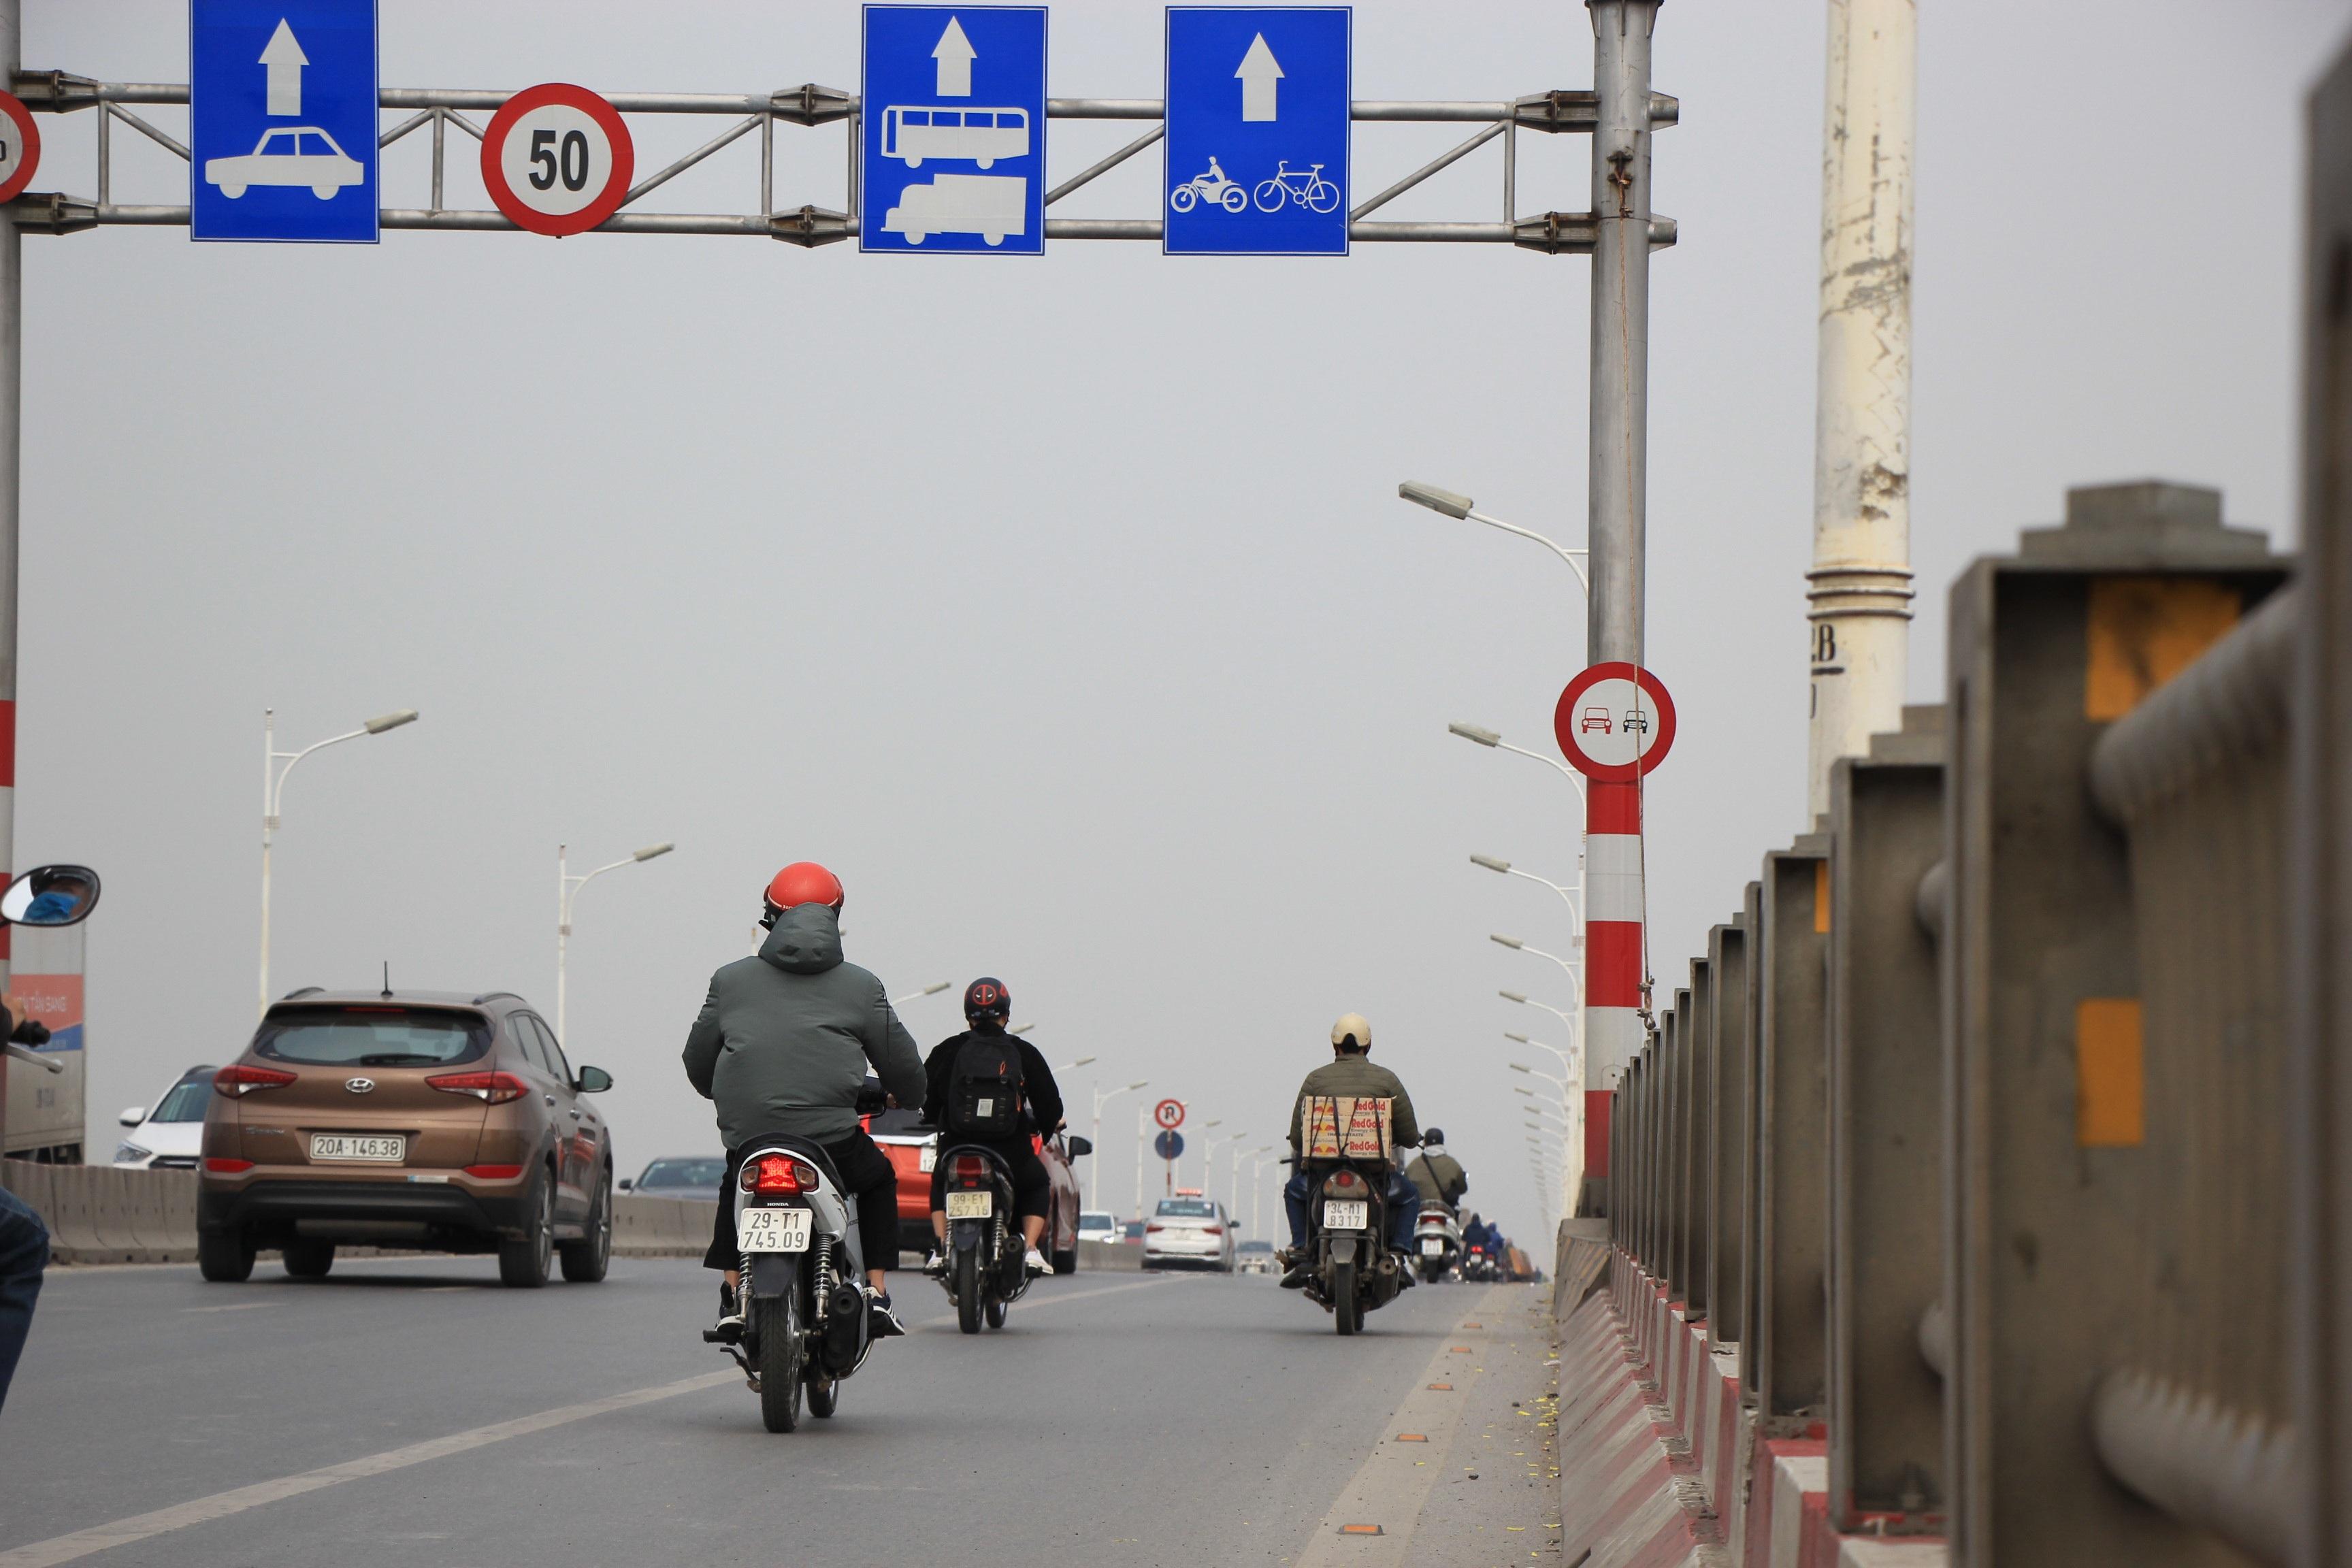 Toàn cảnh giao thông cầu Vĩnh Tuy trước khi xây cầu Vĩnh Tuy 2 - 13